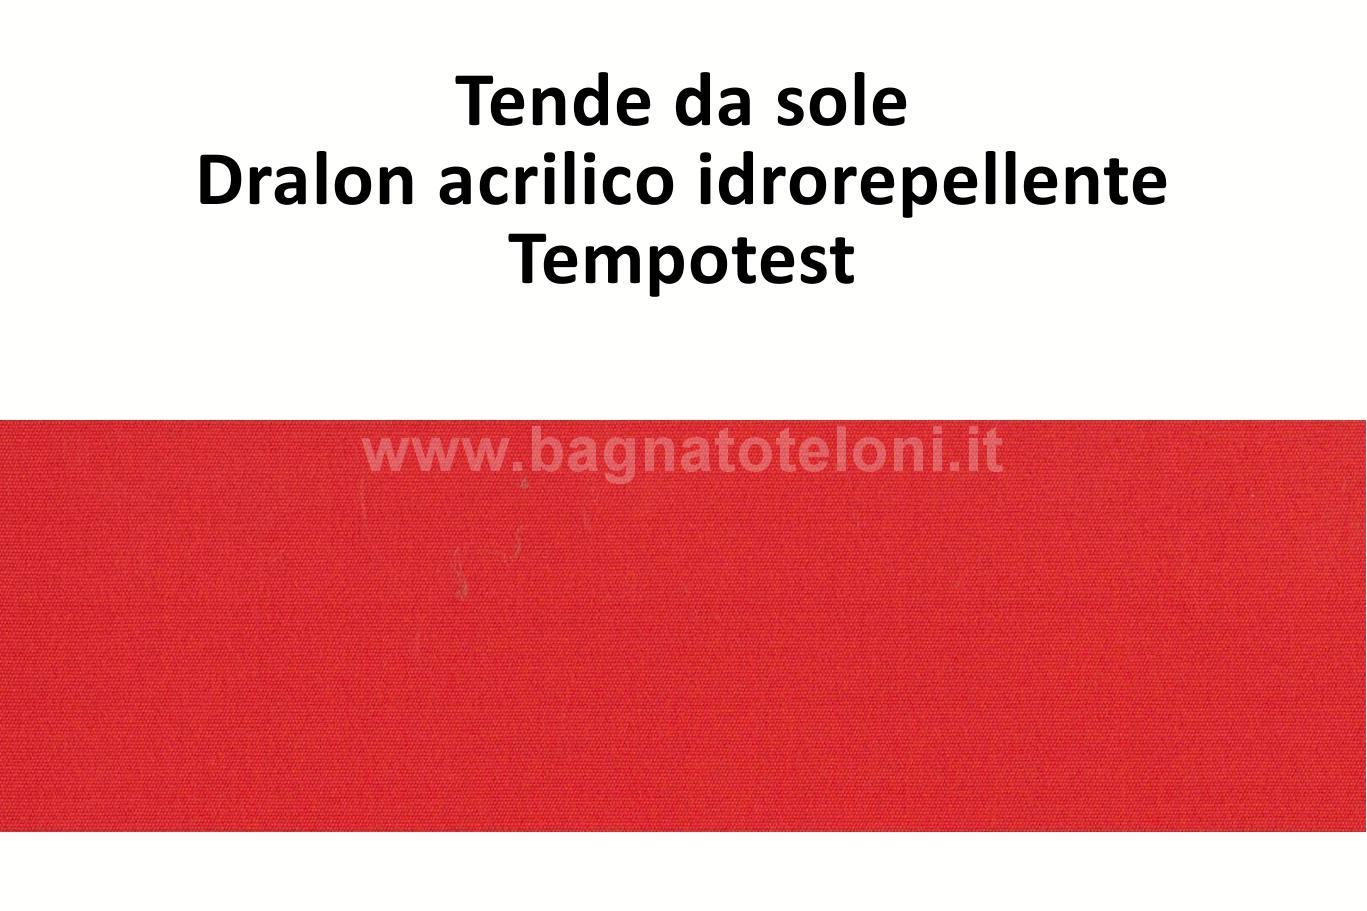 tende da sole dralon acrilico idrorepellente rosso